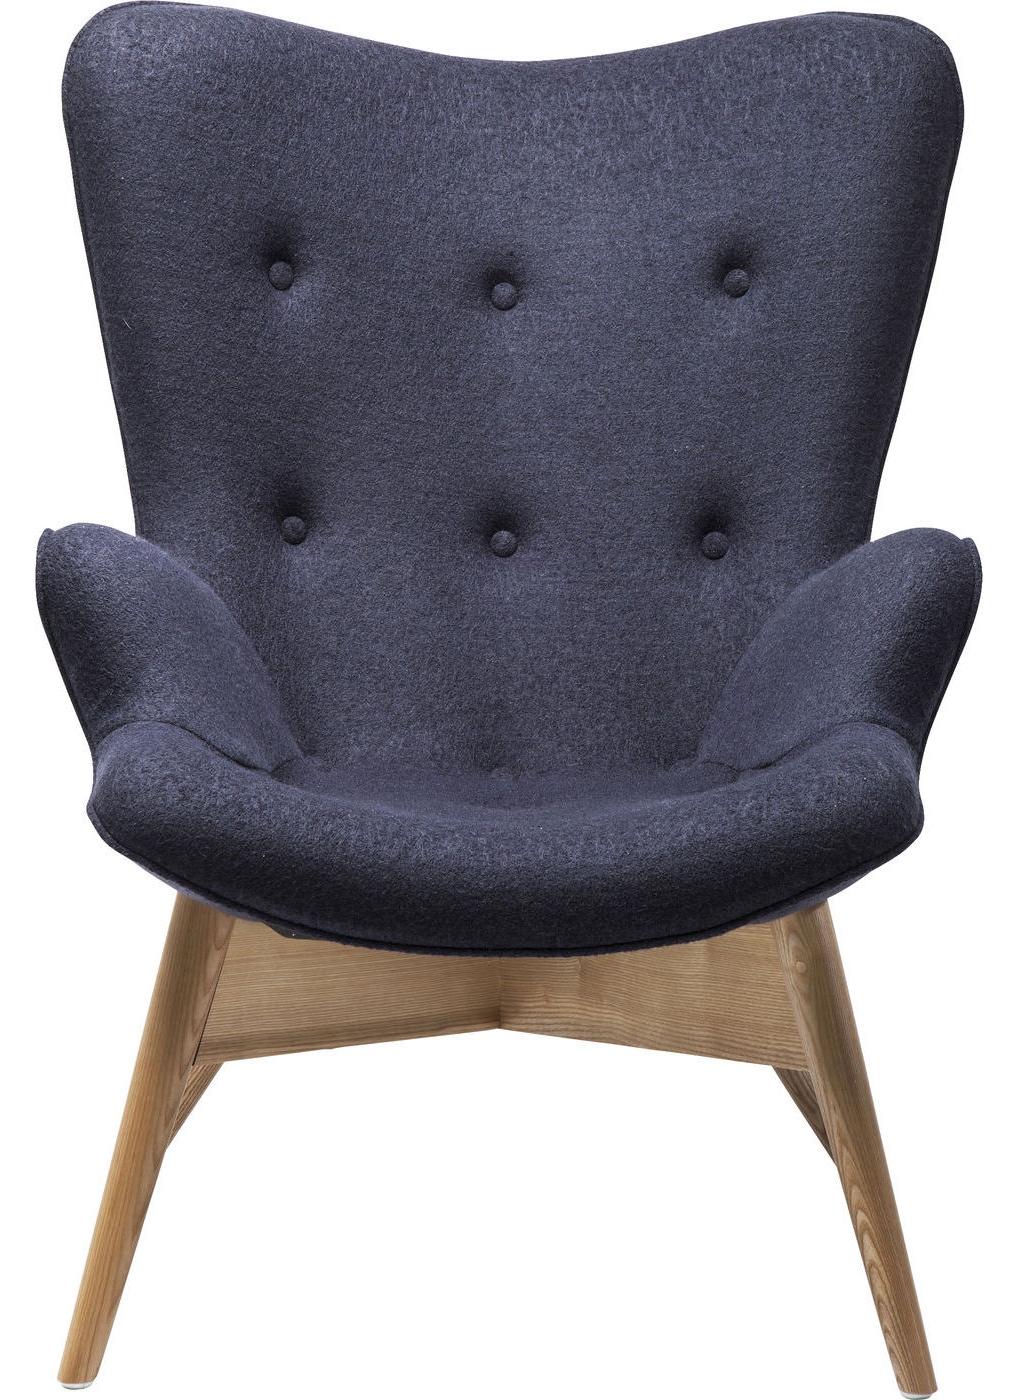 kare design fauteuil kopen internetwinkel